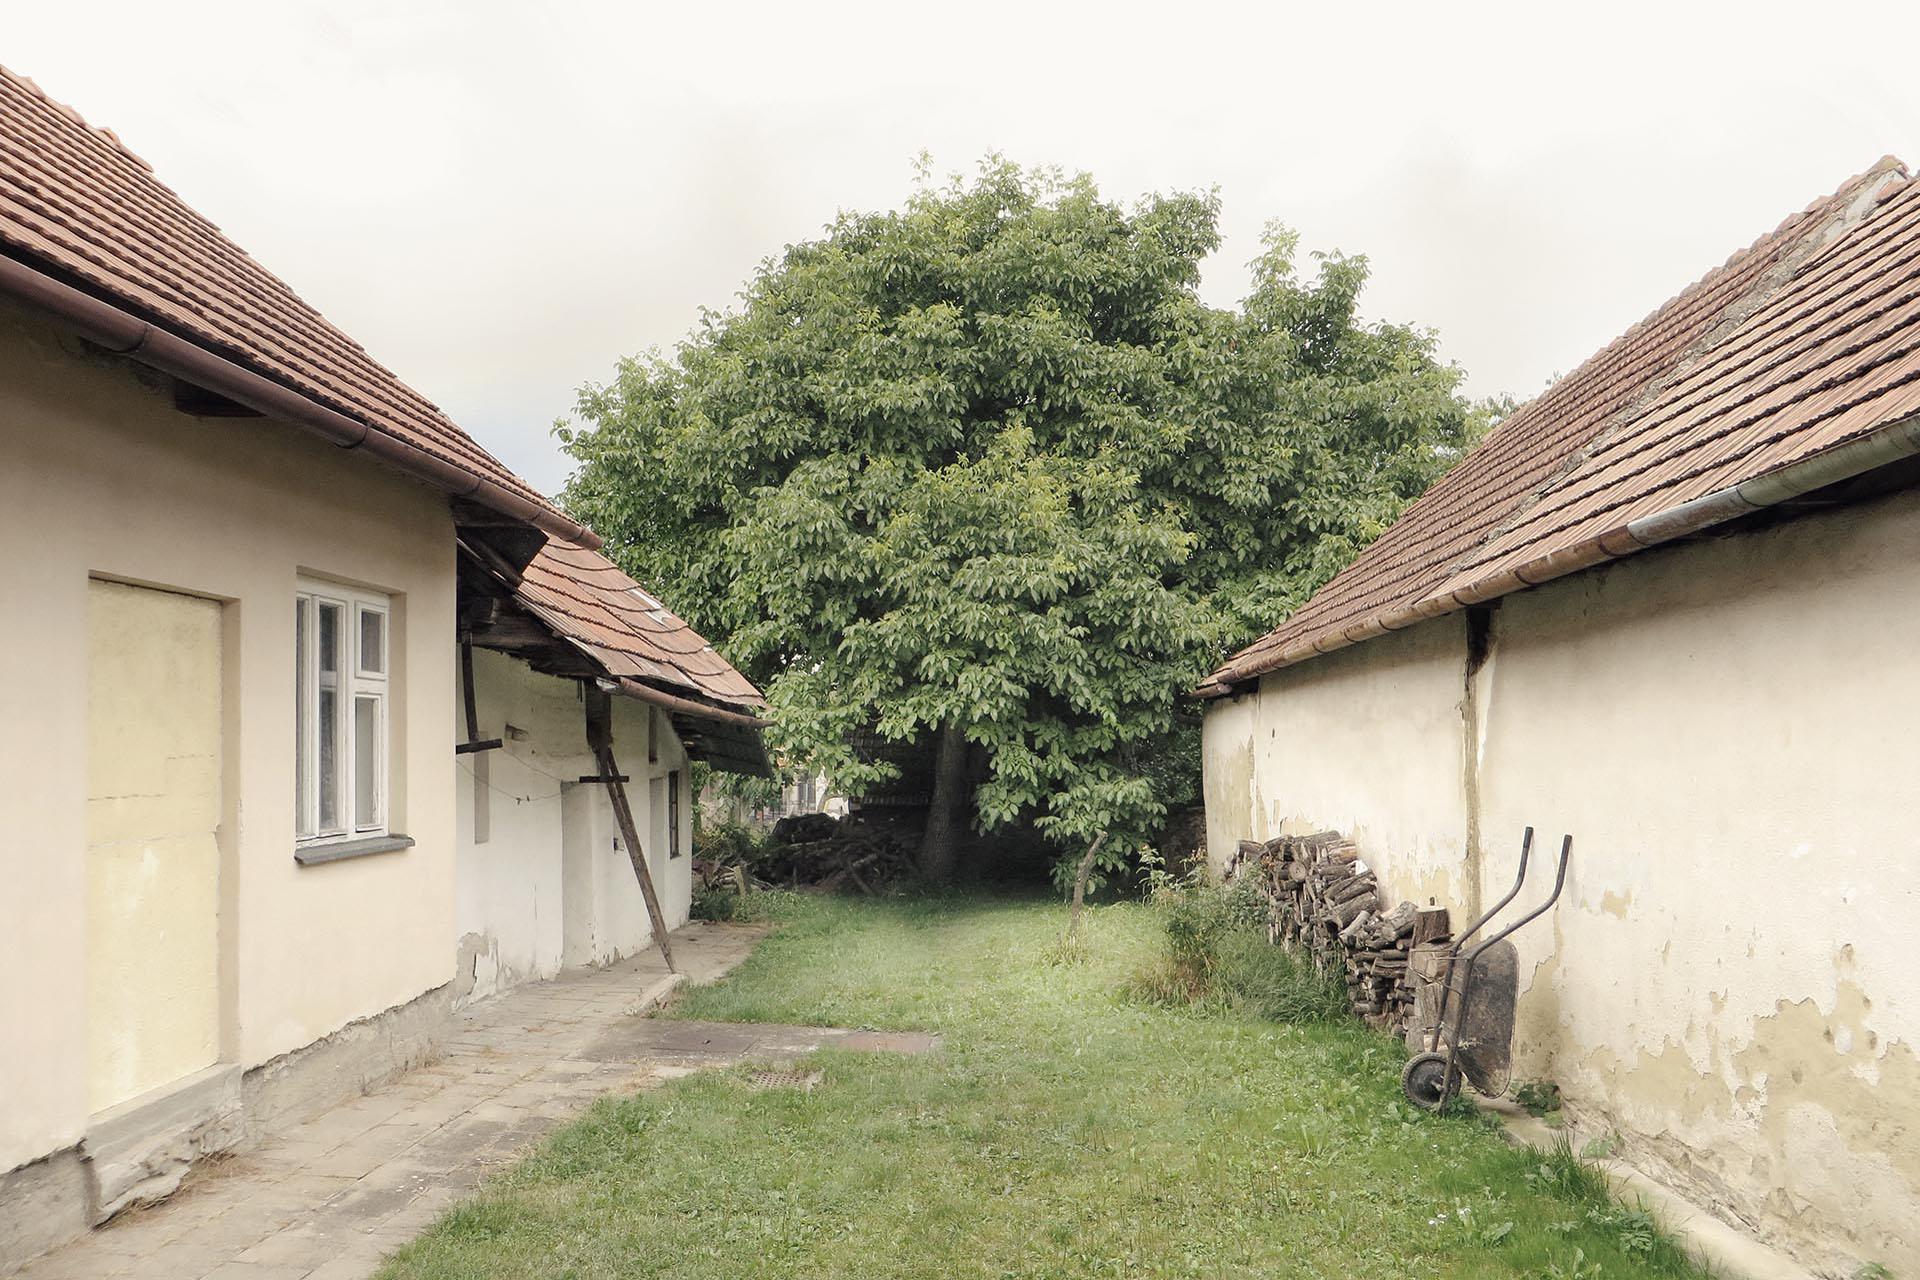 Hospodářský dvorek tradičního venkovského domu ve Slavkově se vzrostlým ořechem